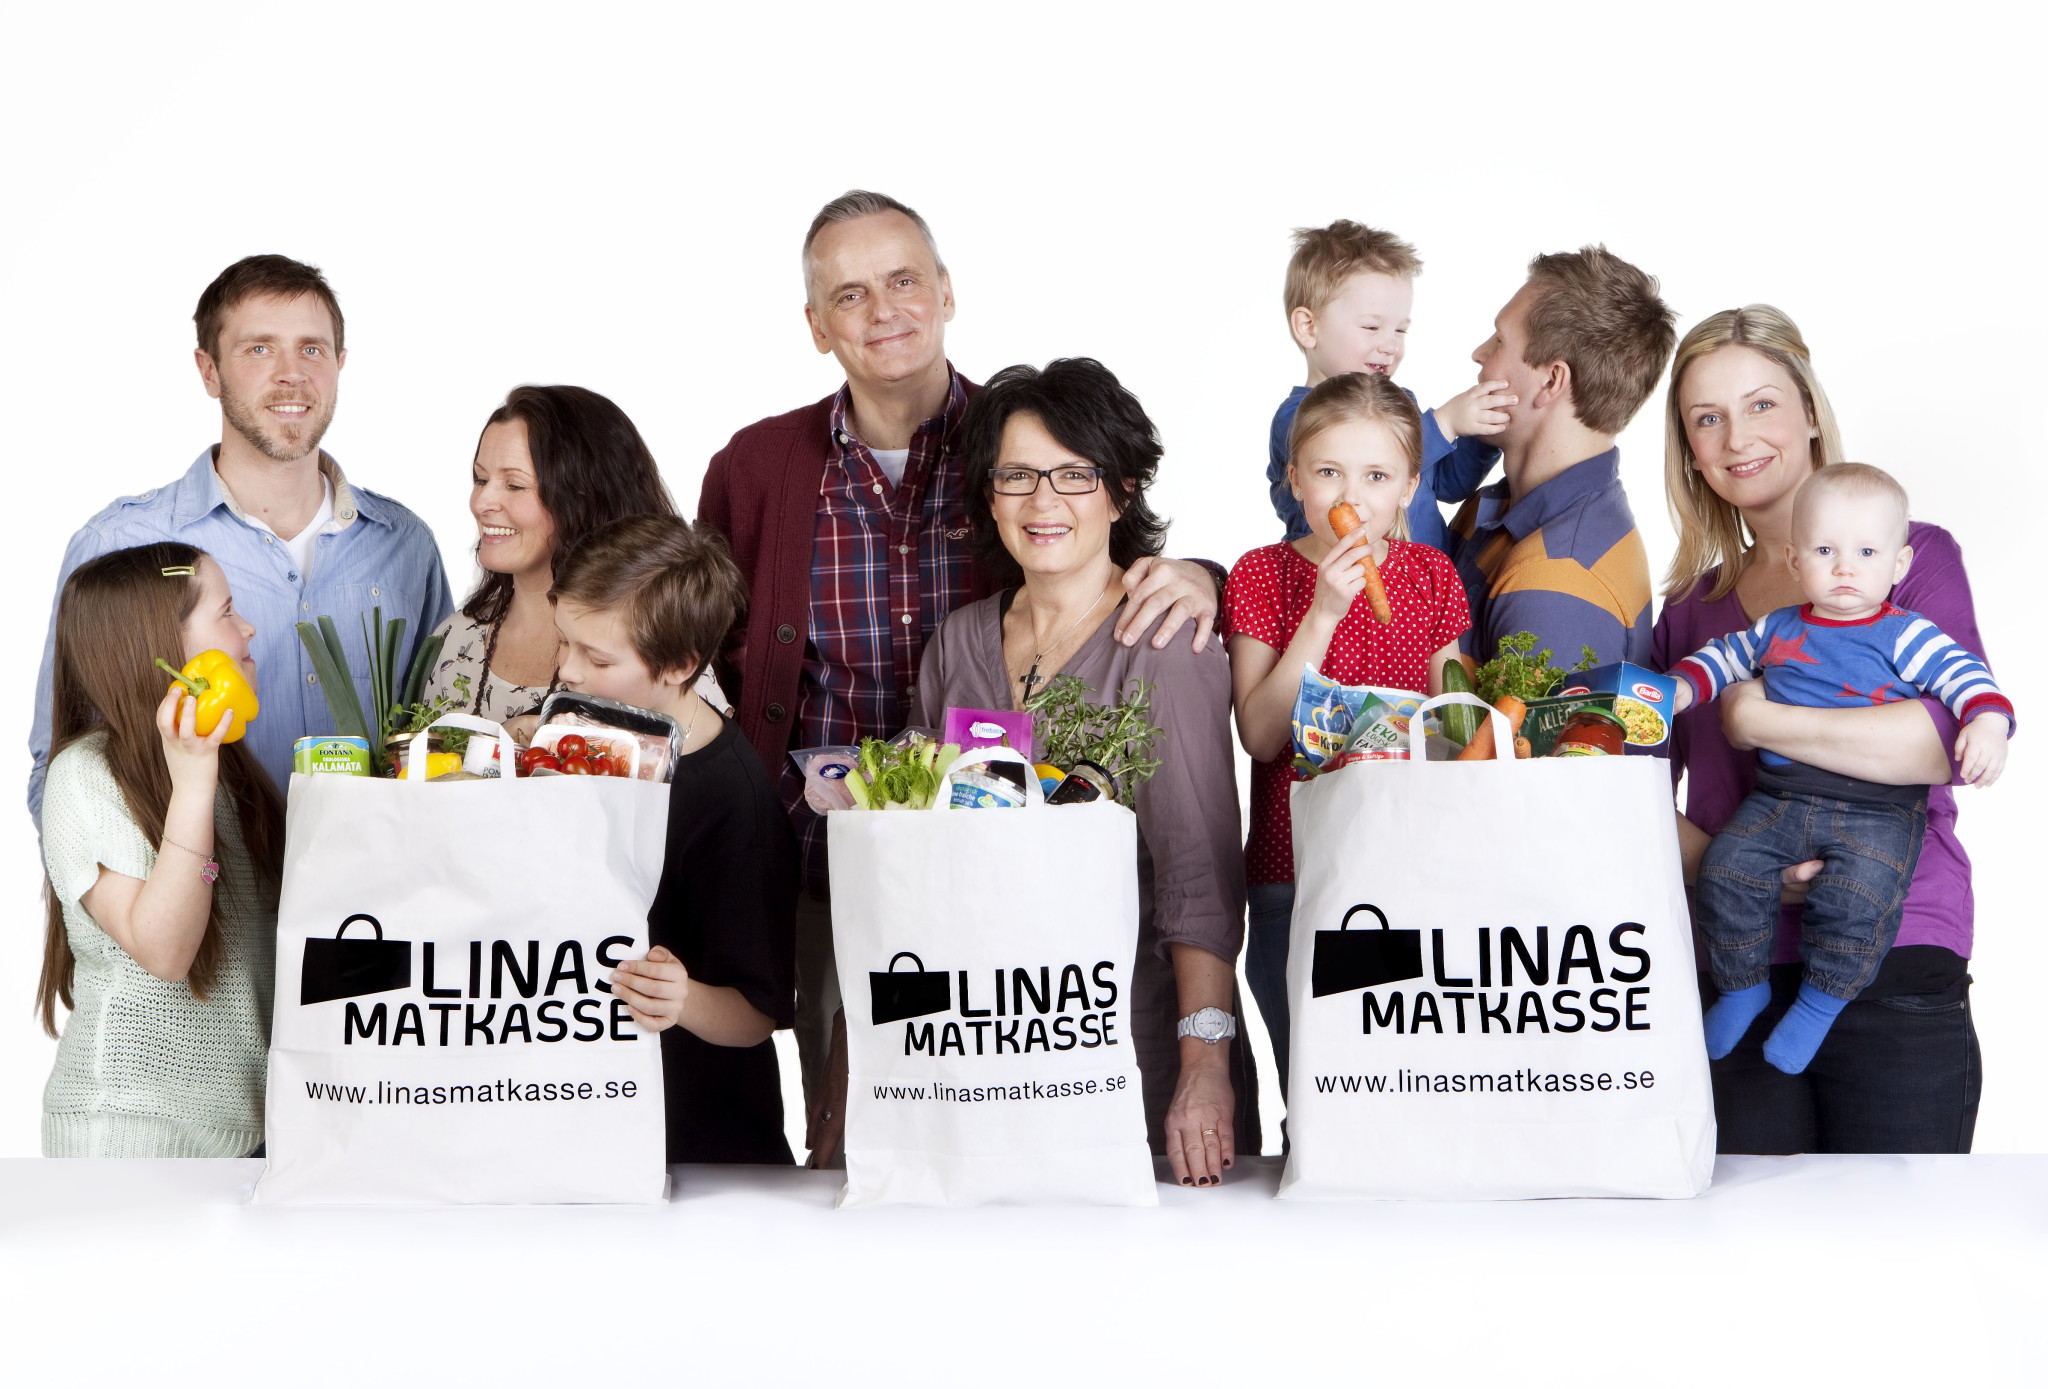 스웨덴의 스타트업 Linas Matkasse는 음식 조리법과 이에 맞춰진 정량의 식자재를 정기적으로 배송해주는 밀 키트 스타트업 서비스의 원조이다. ©Linas Matkasse